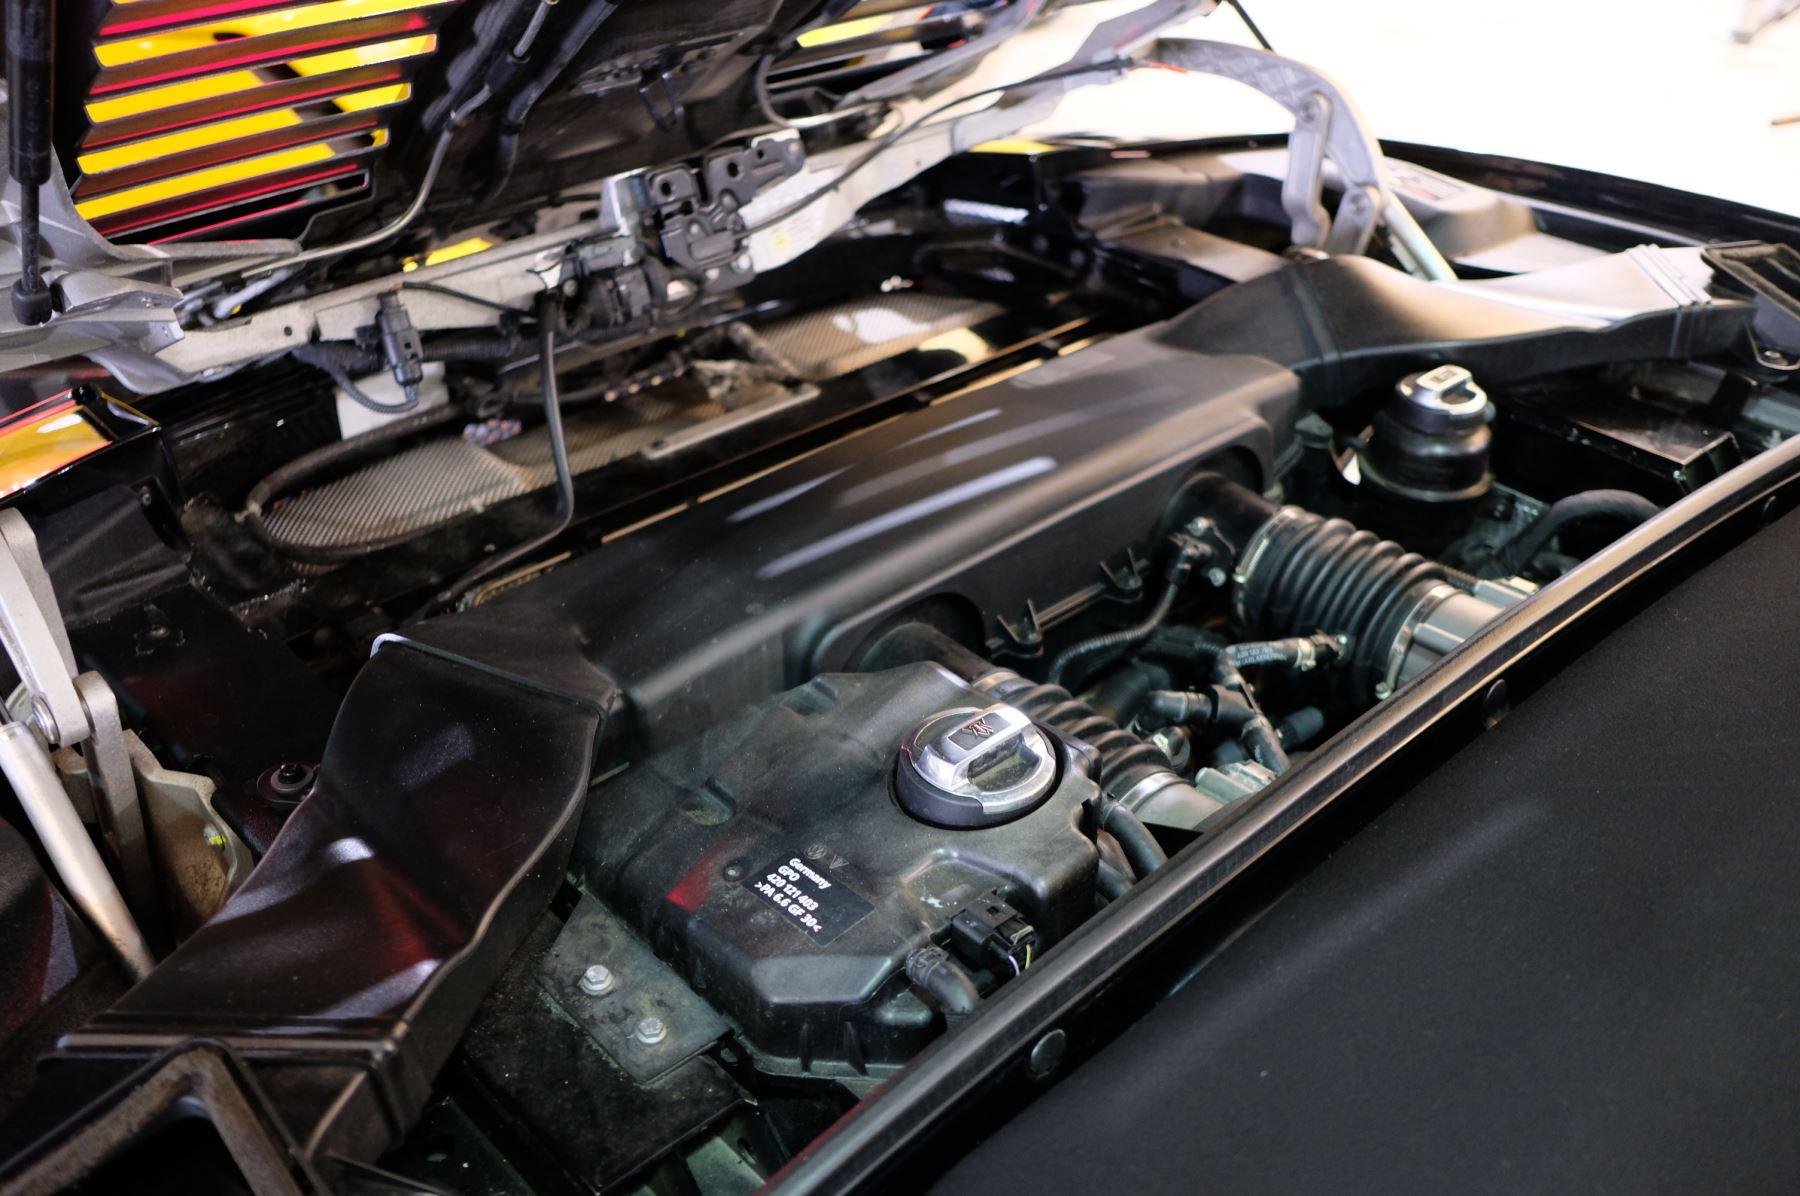 Lamborghini Gallardo LP 560-4 Spyder image 8